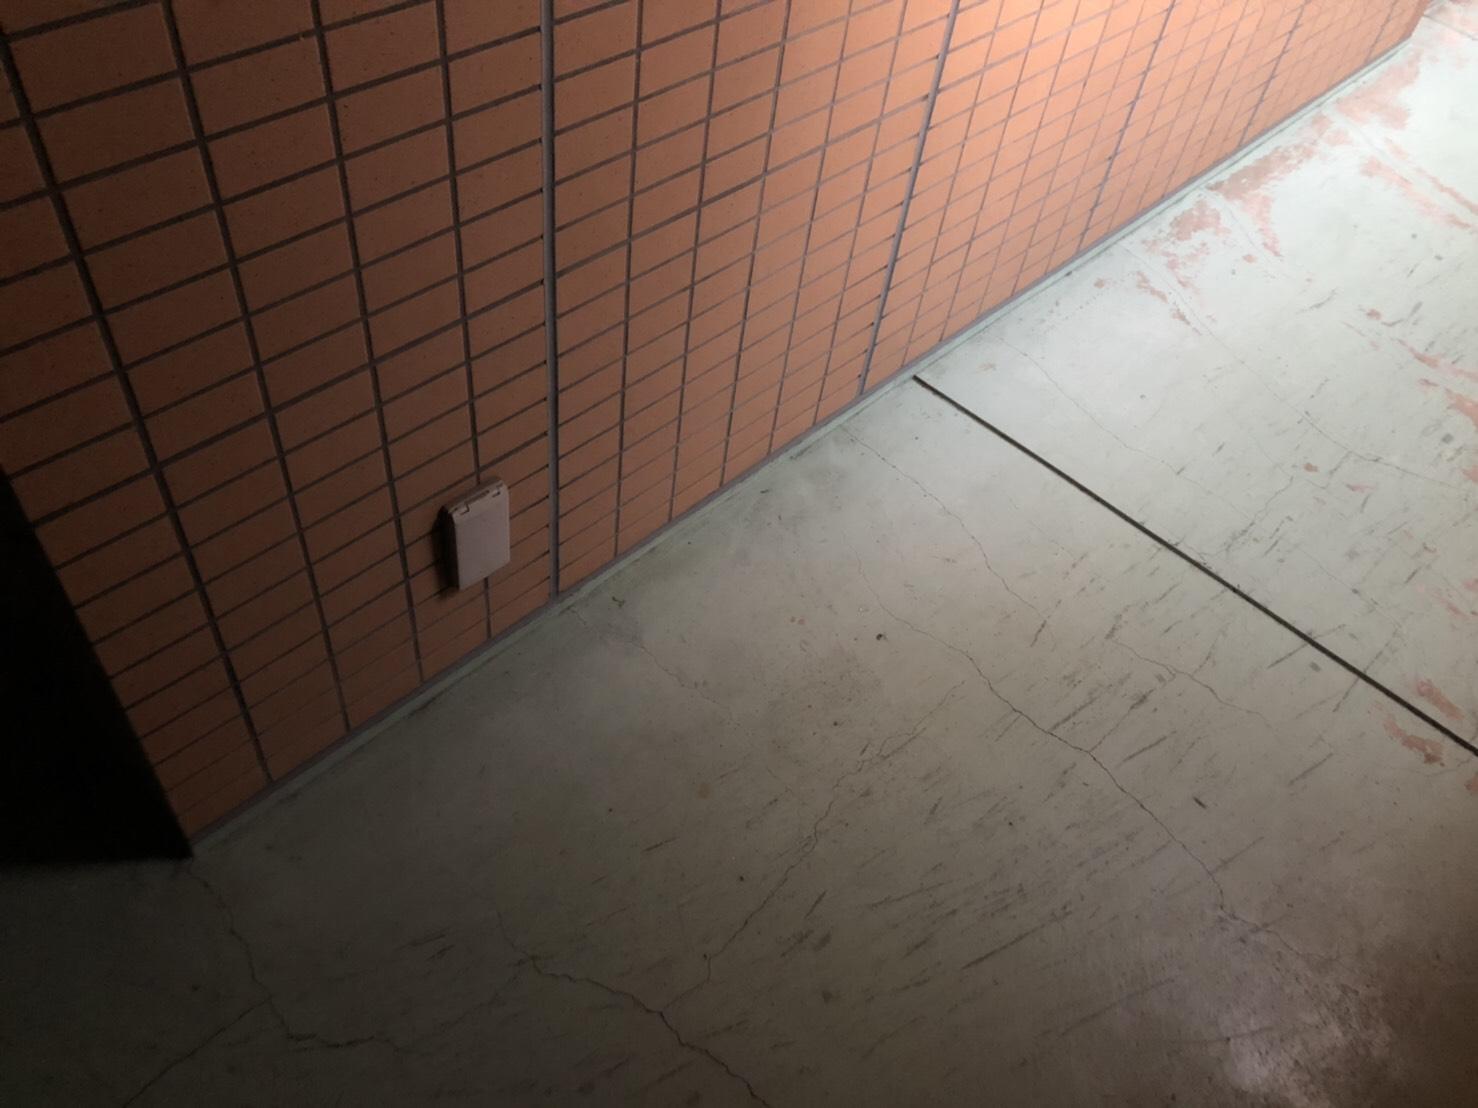 滋賀県大津市のテレビの回収後